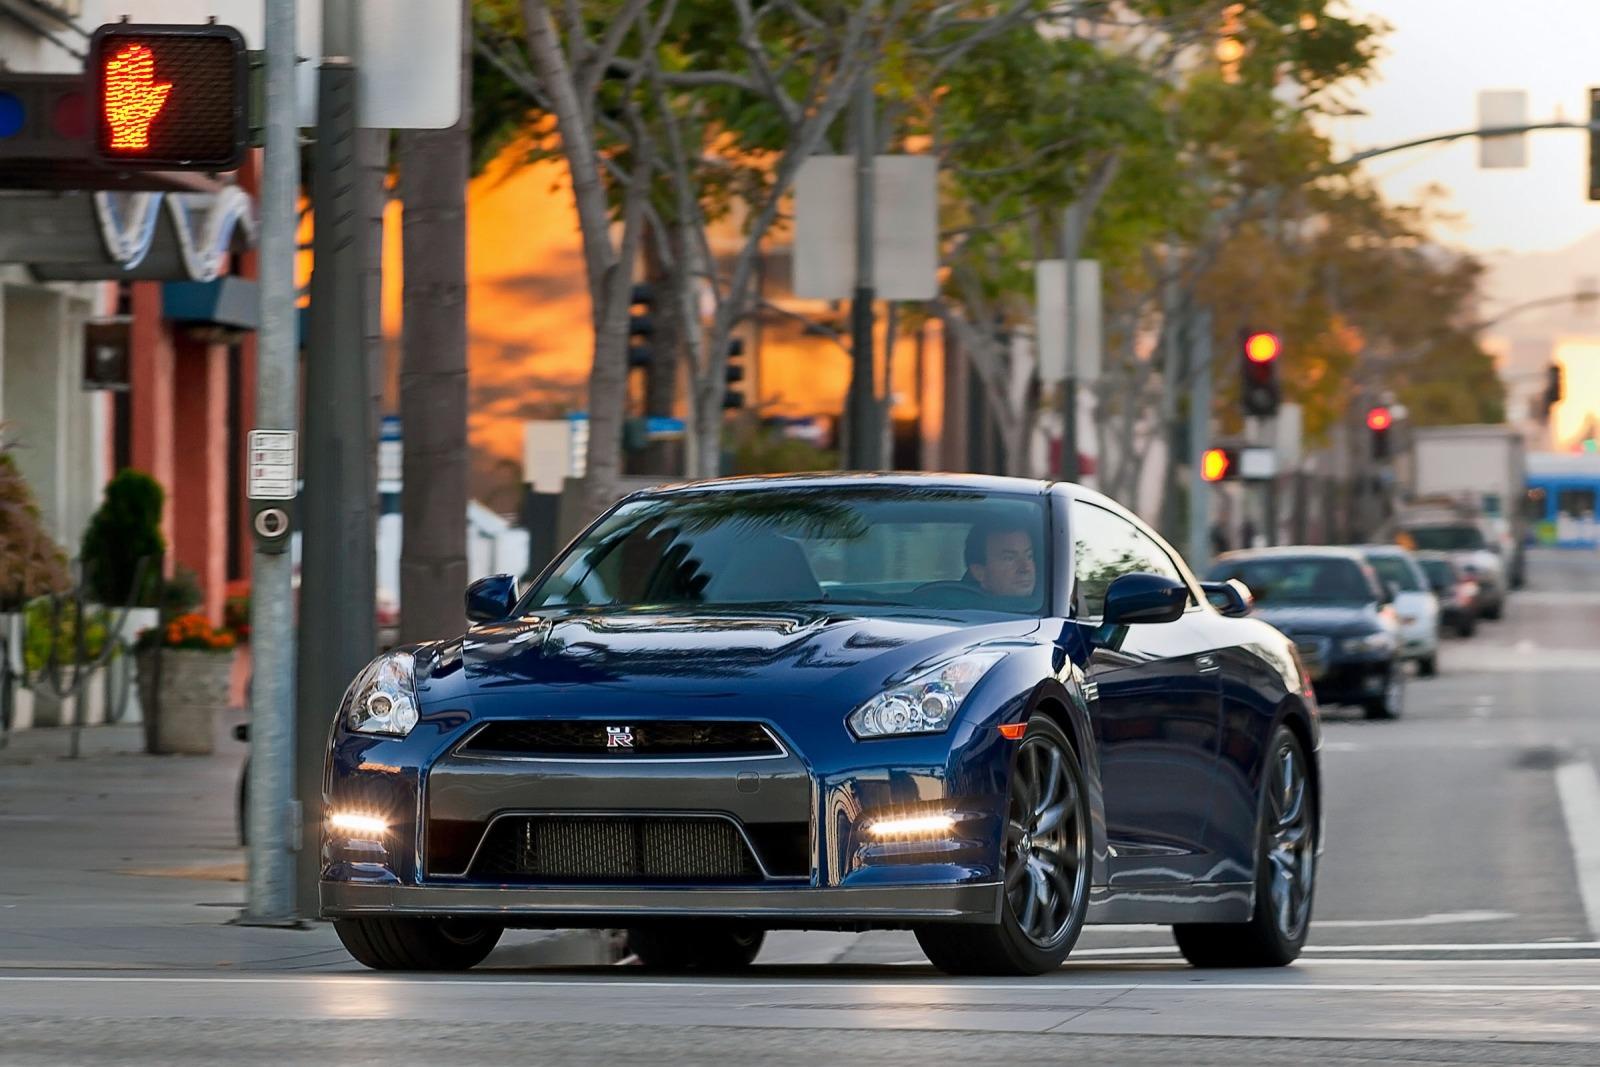 2013 nissan gt r coupe premium fq oem 1 1600